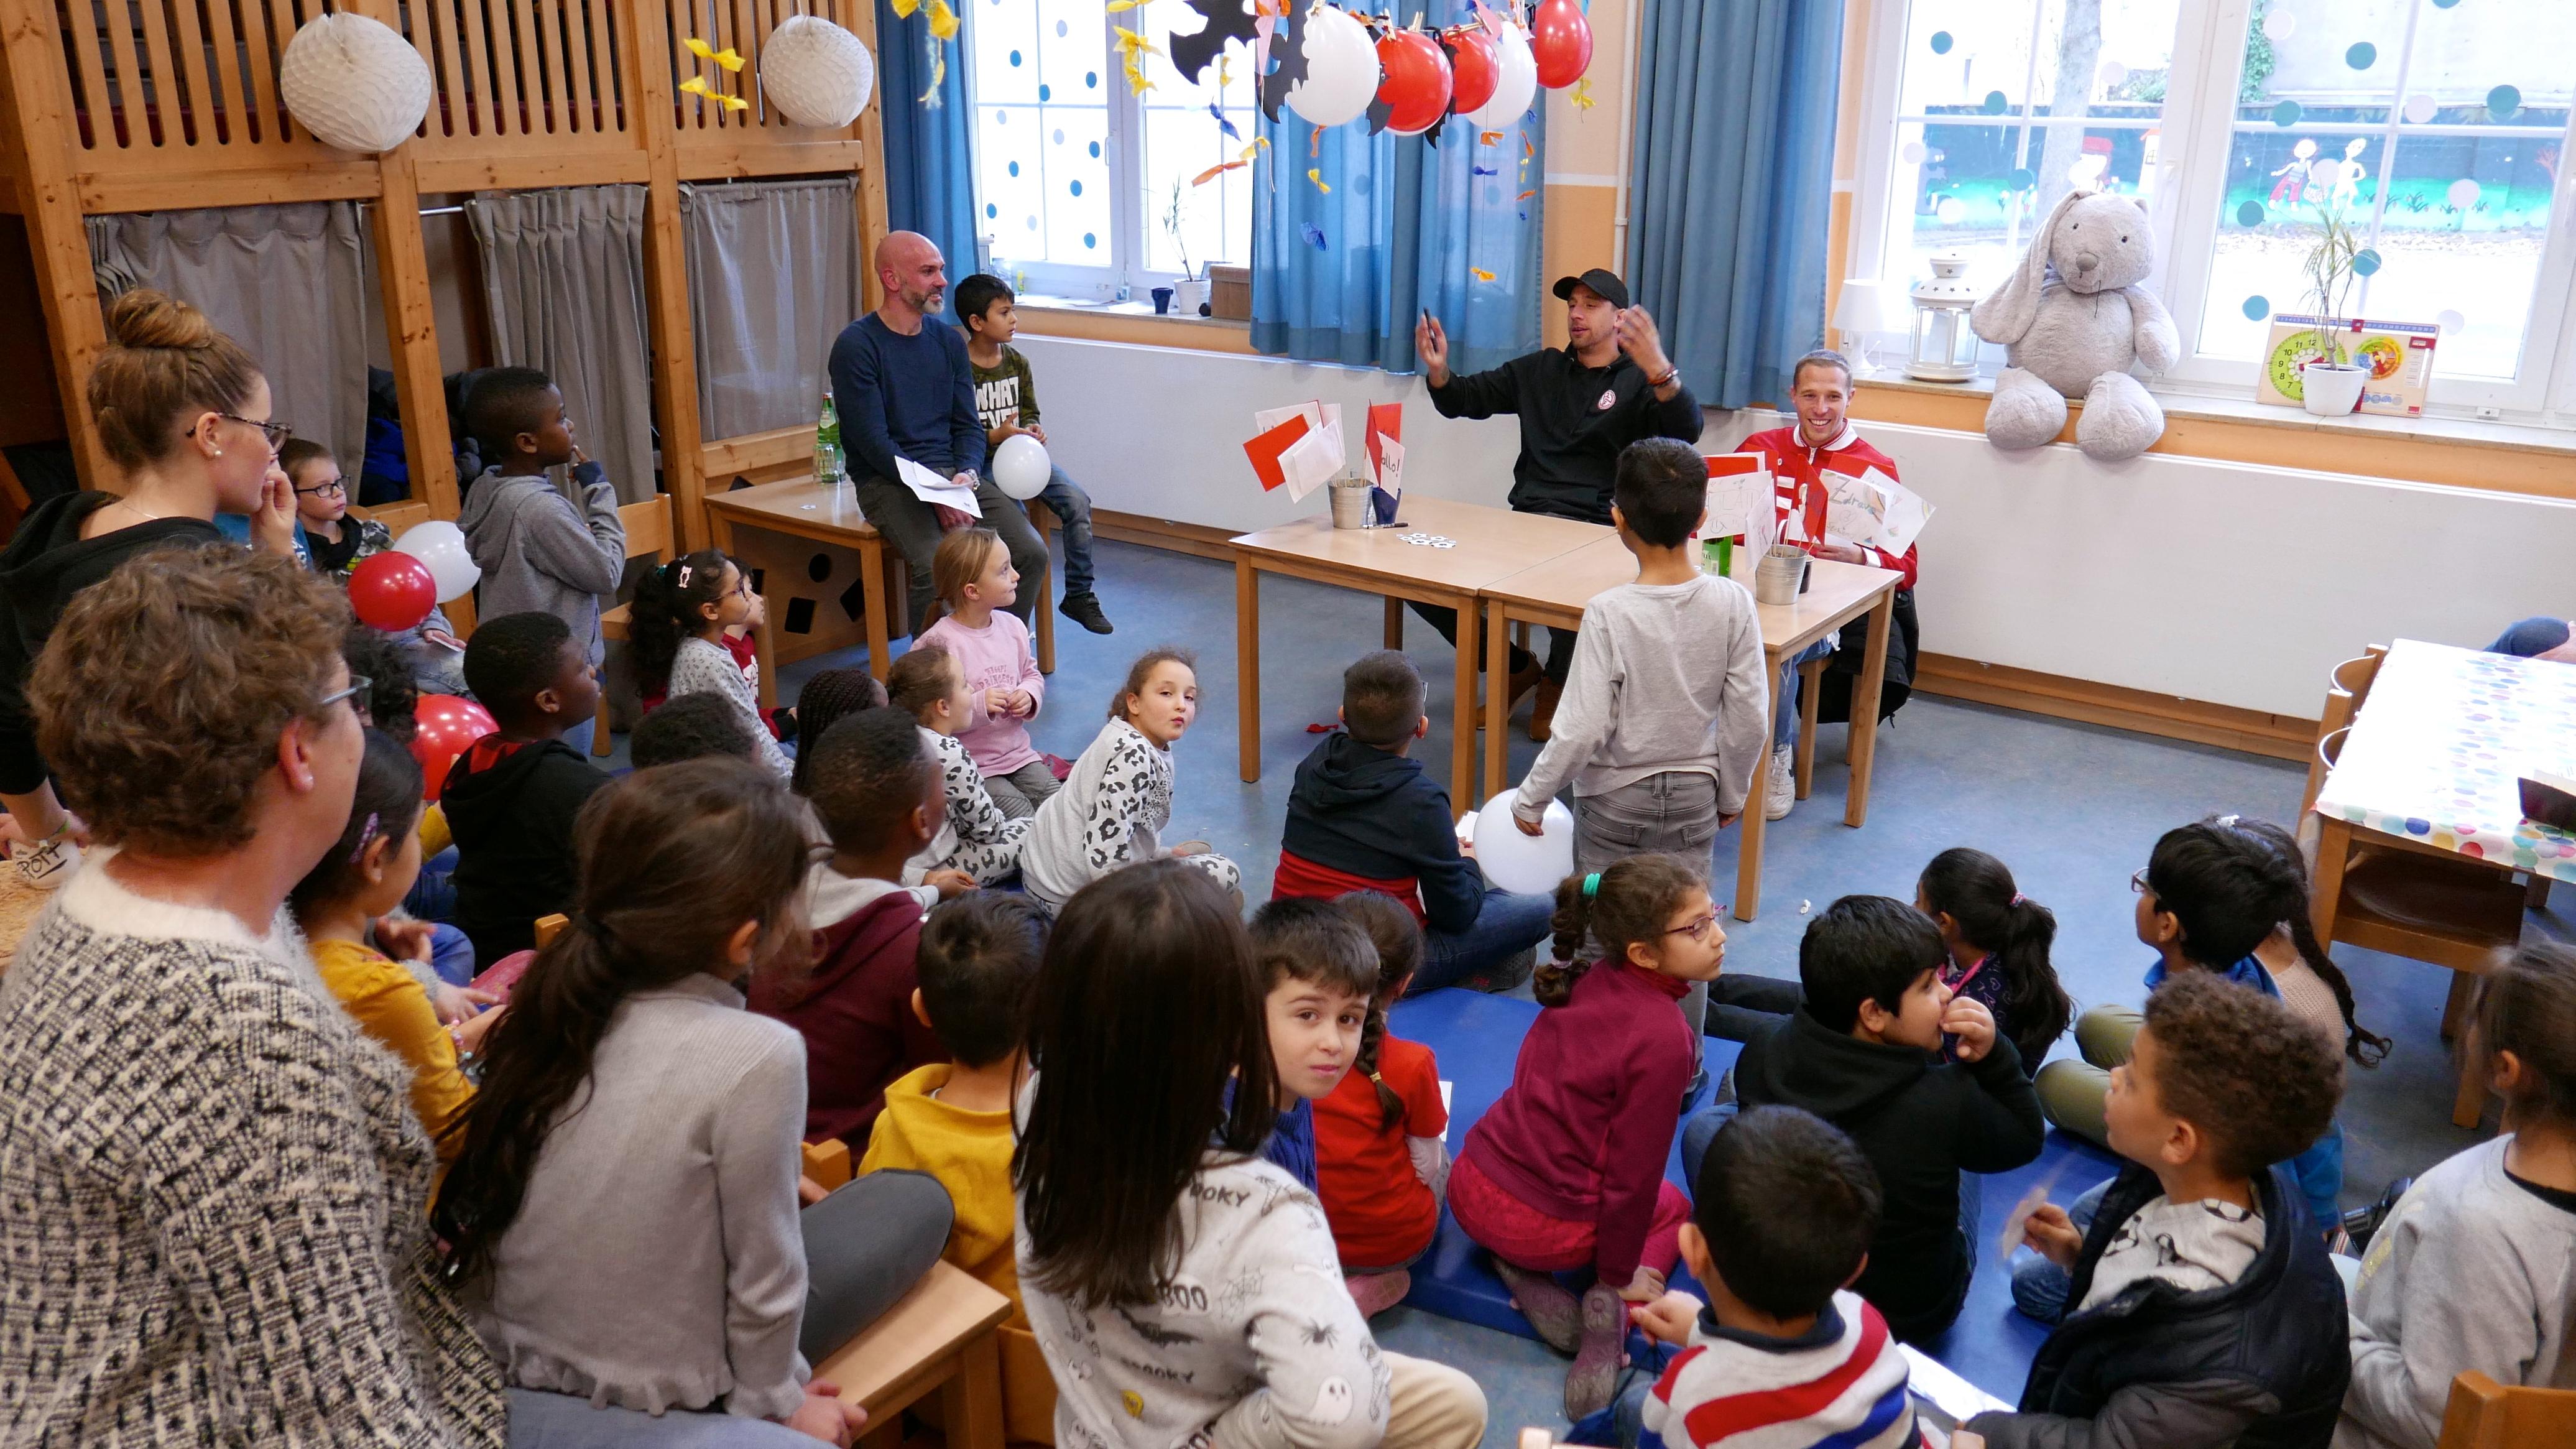 Die Pressekonferenz als fester Programmpunkt: die Kids machen sich Gedanken. (Fotos: Capitain/EC).